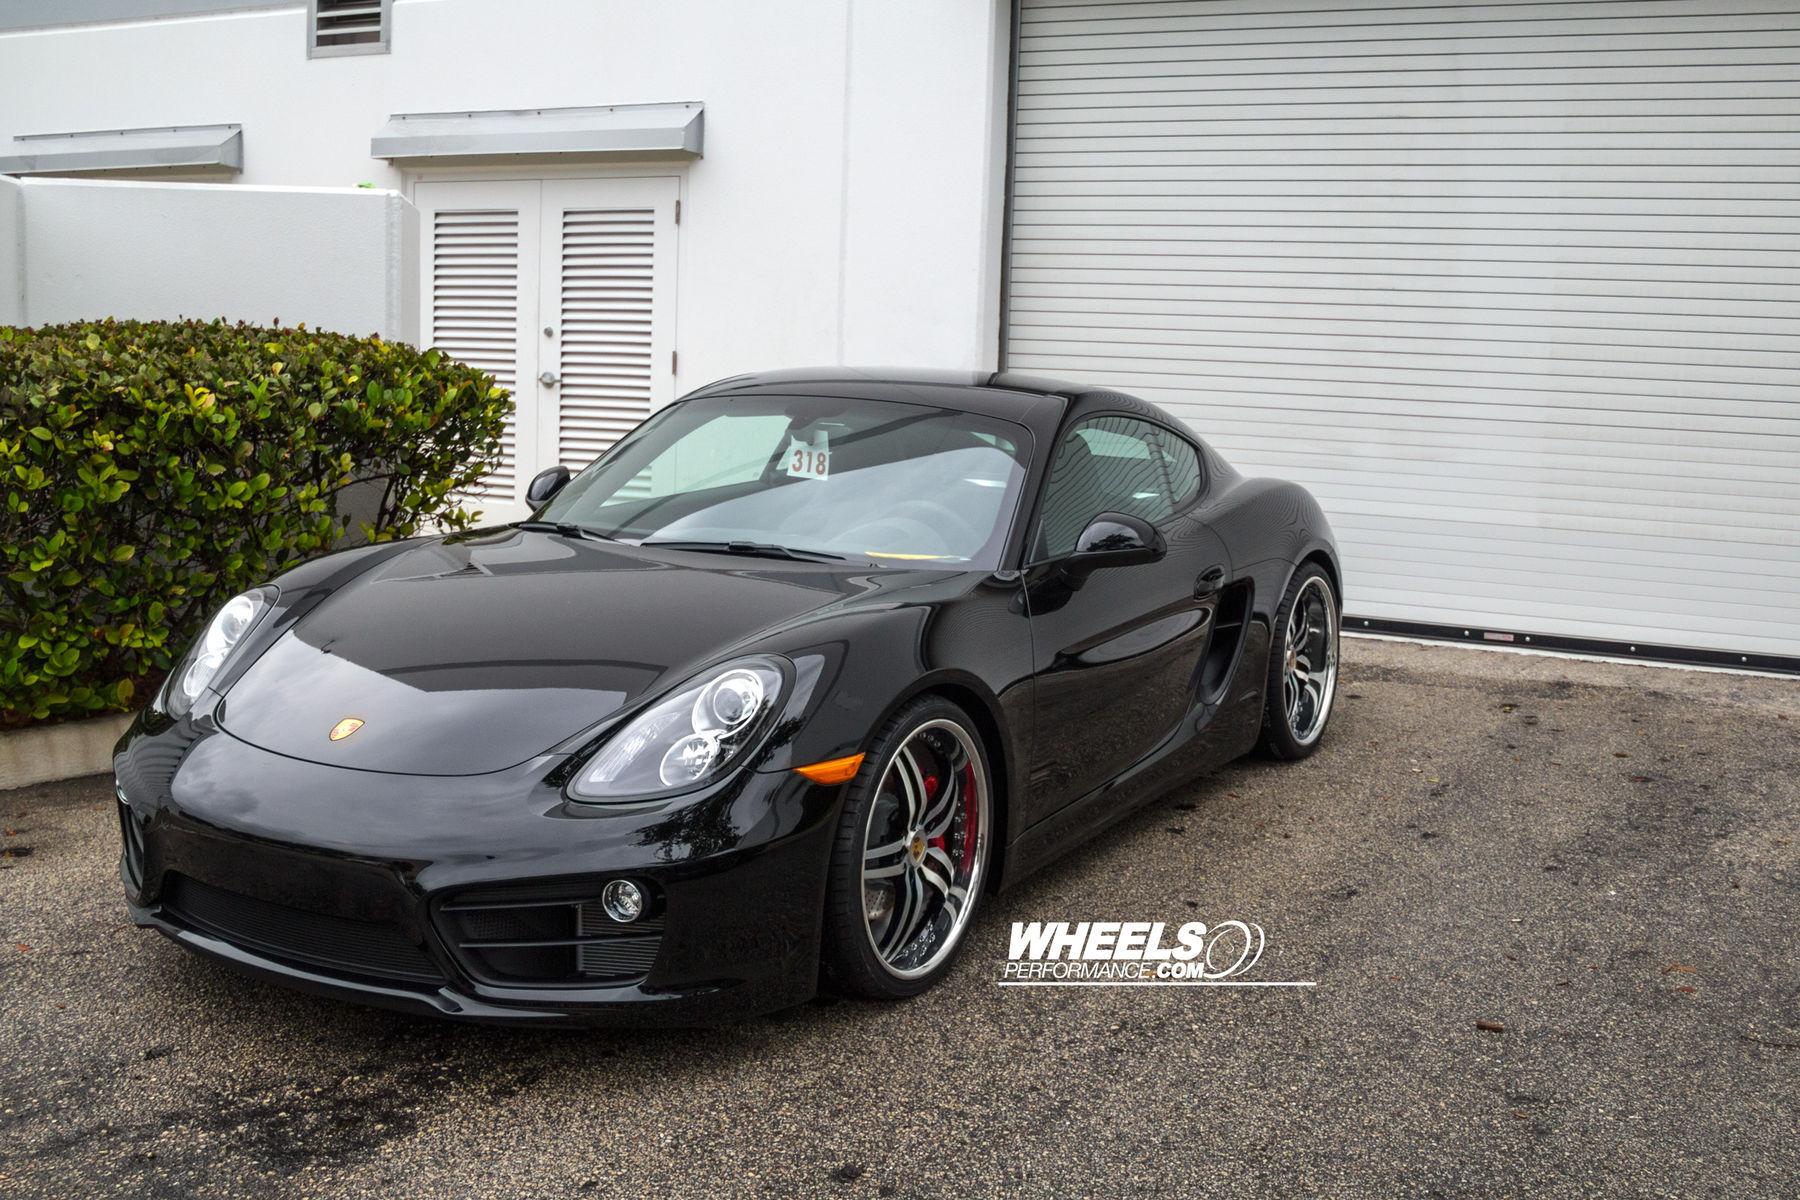 2014 Porsche Cayman S | Our client's Porsche Cayman S with 20